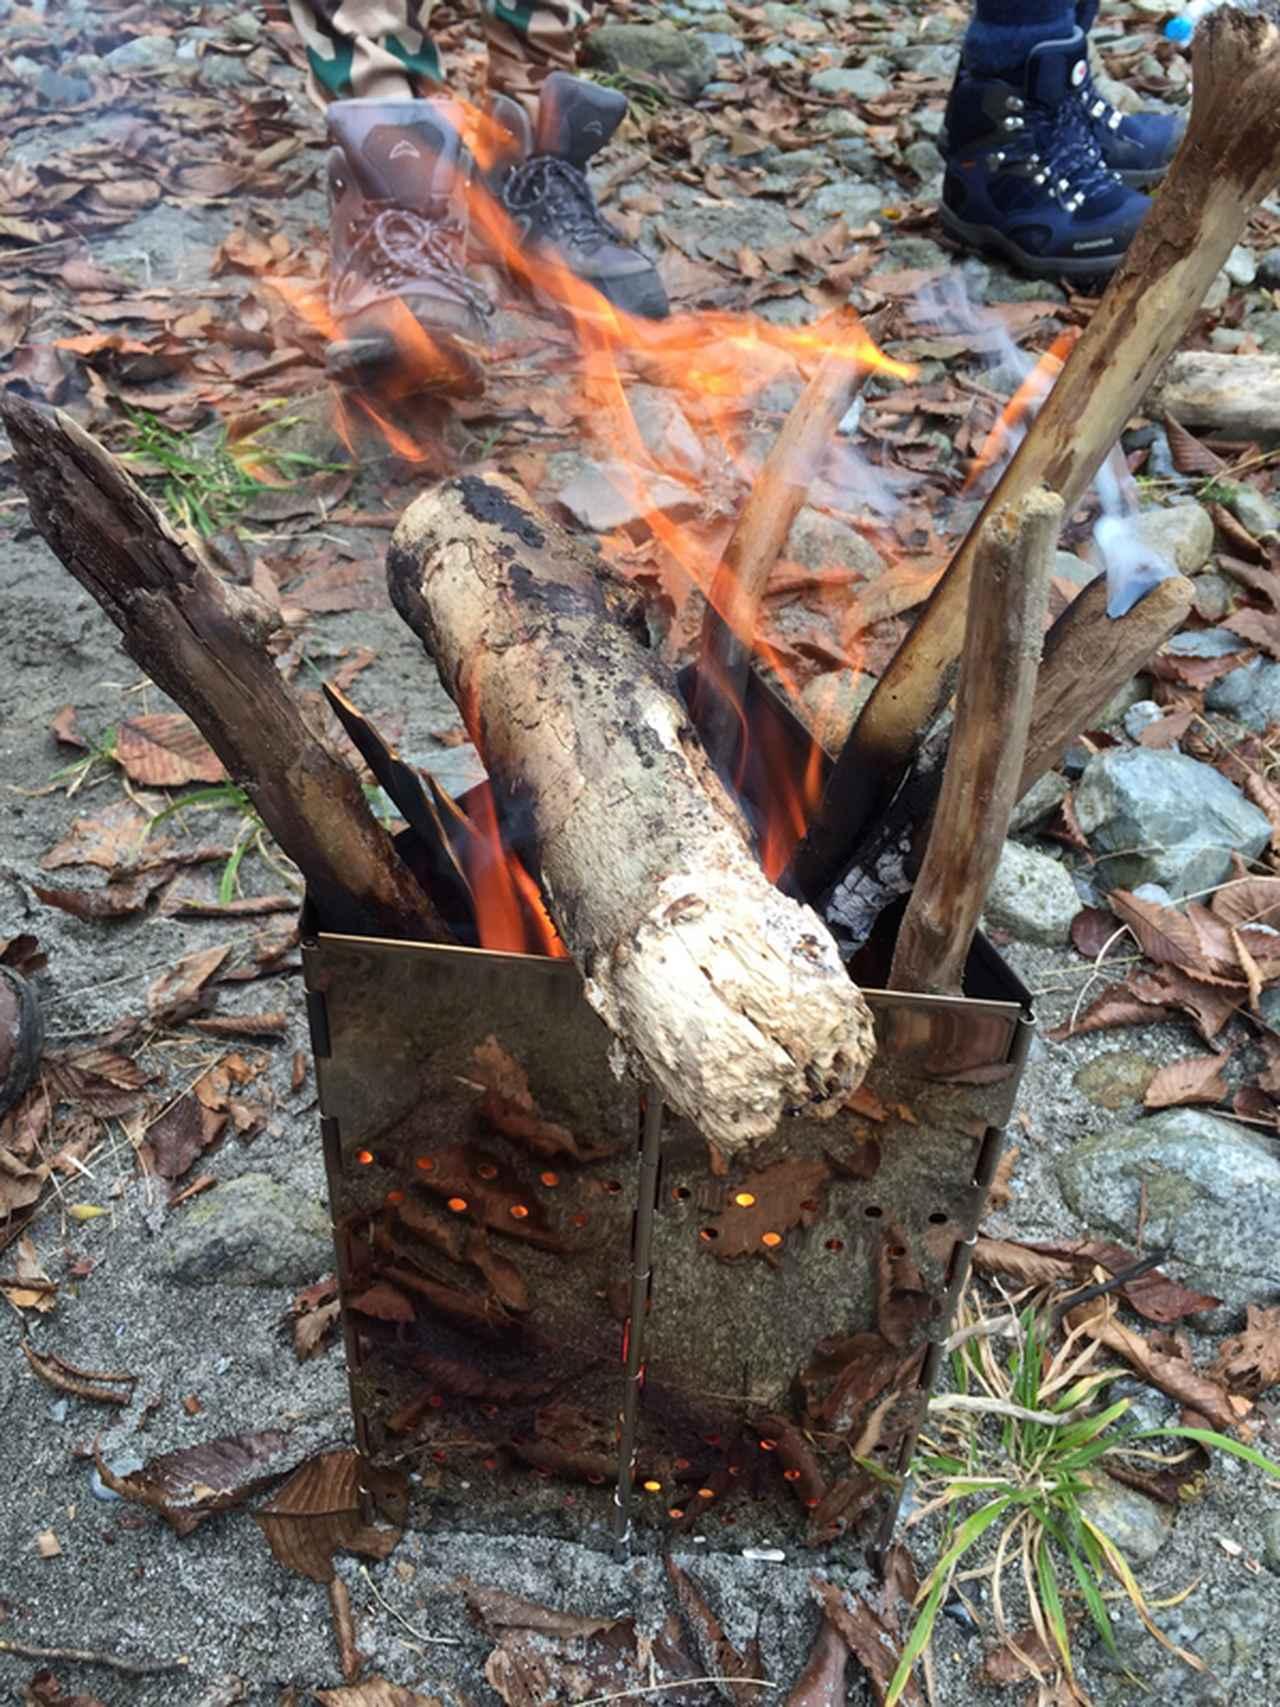 画像1: 【チャコスタ自作】火起こし器を自作してみた! 折りたたみ可能やソロキャンプ用のものも!